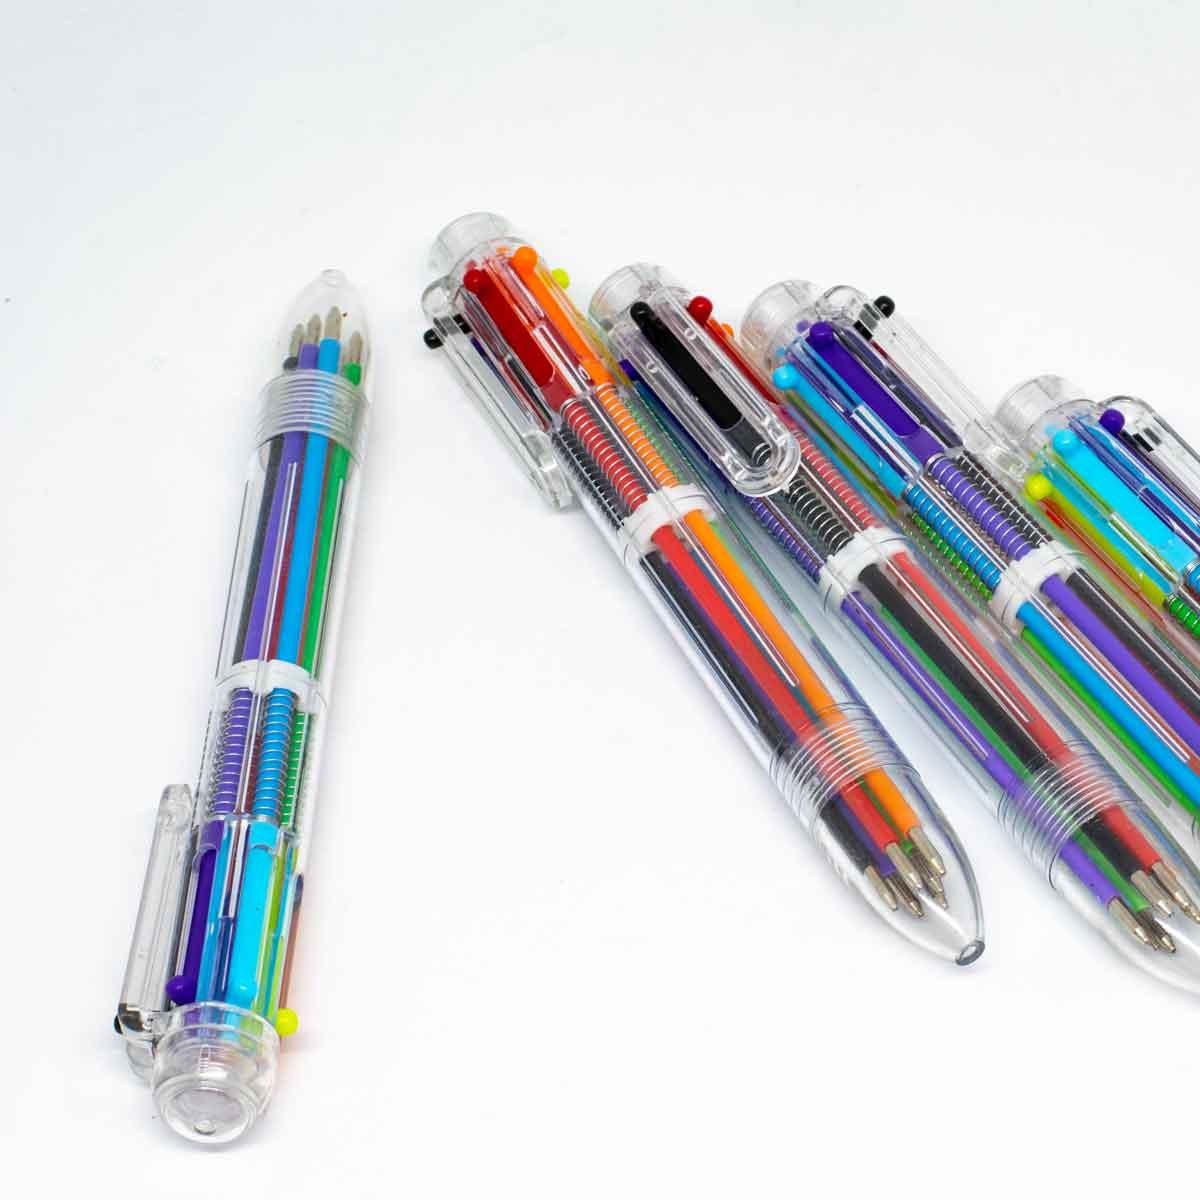 6 in 1 ball pen